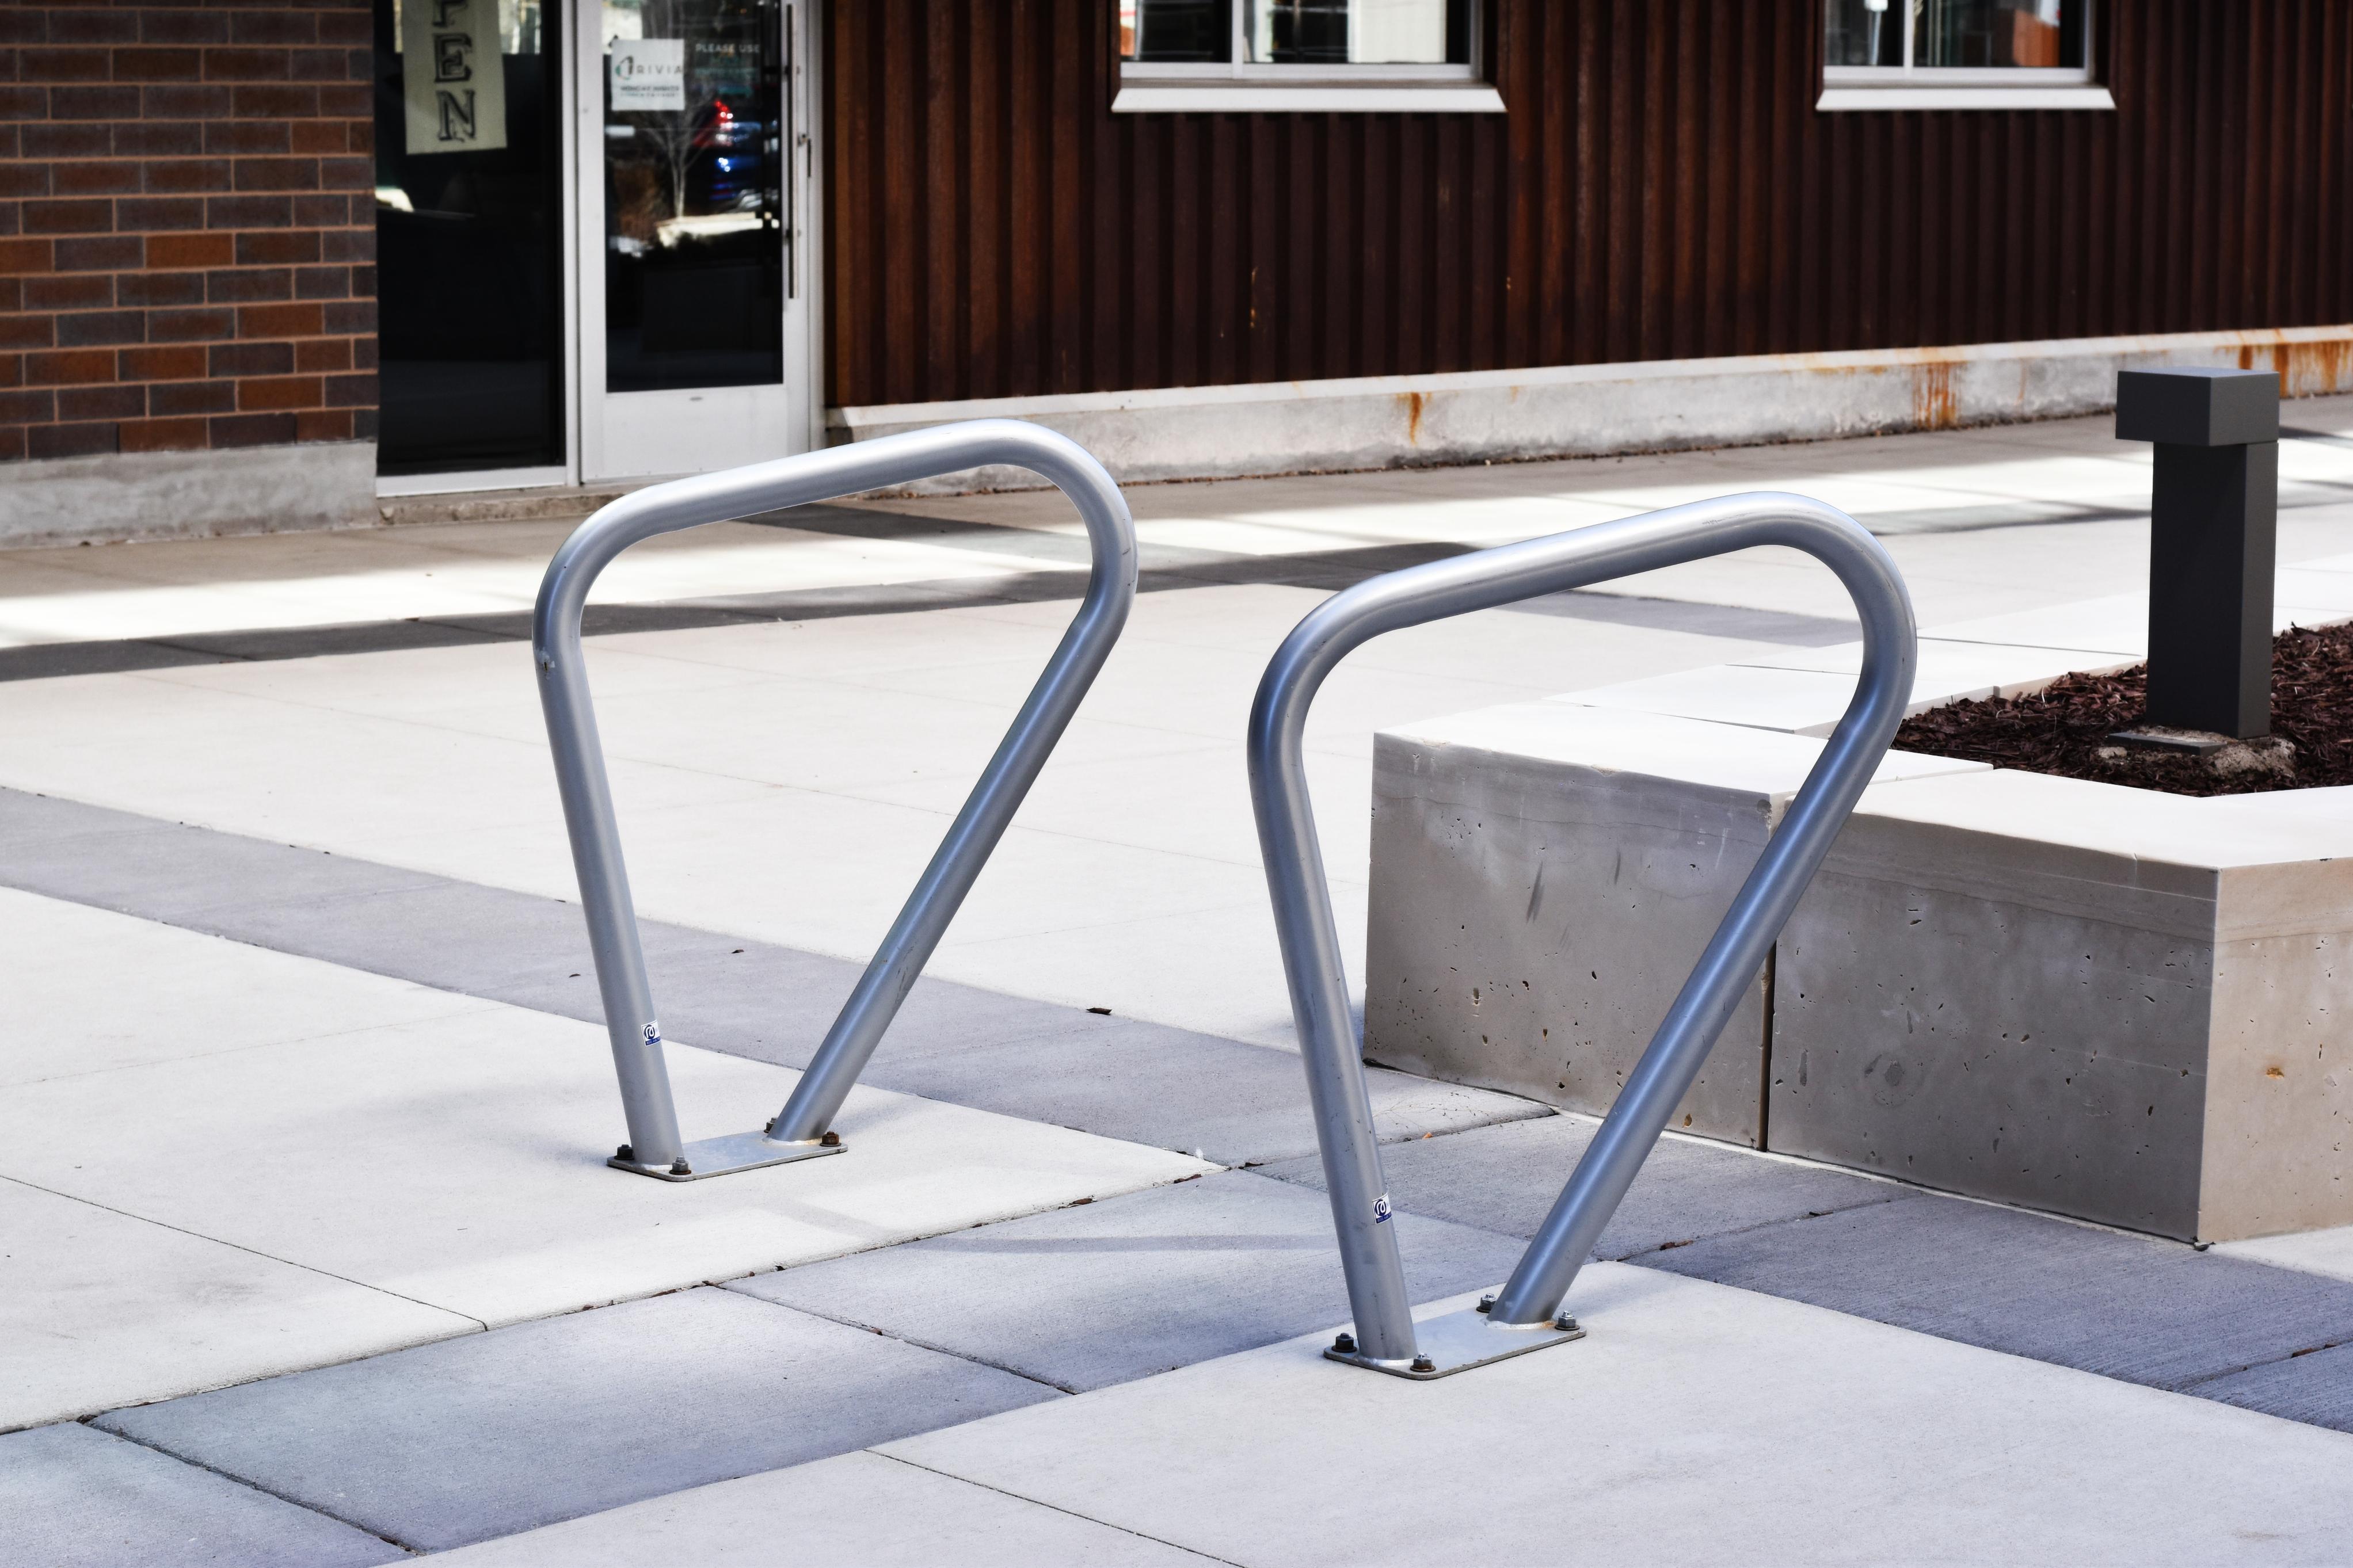 Lofty Bike Rack